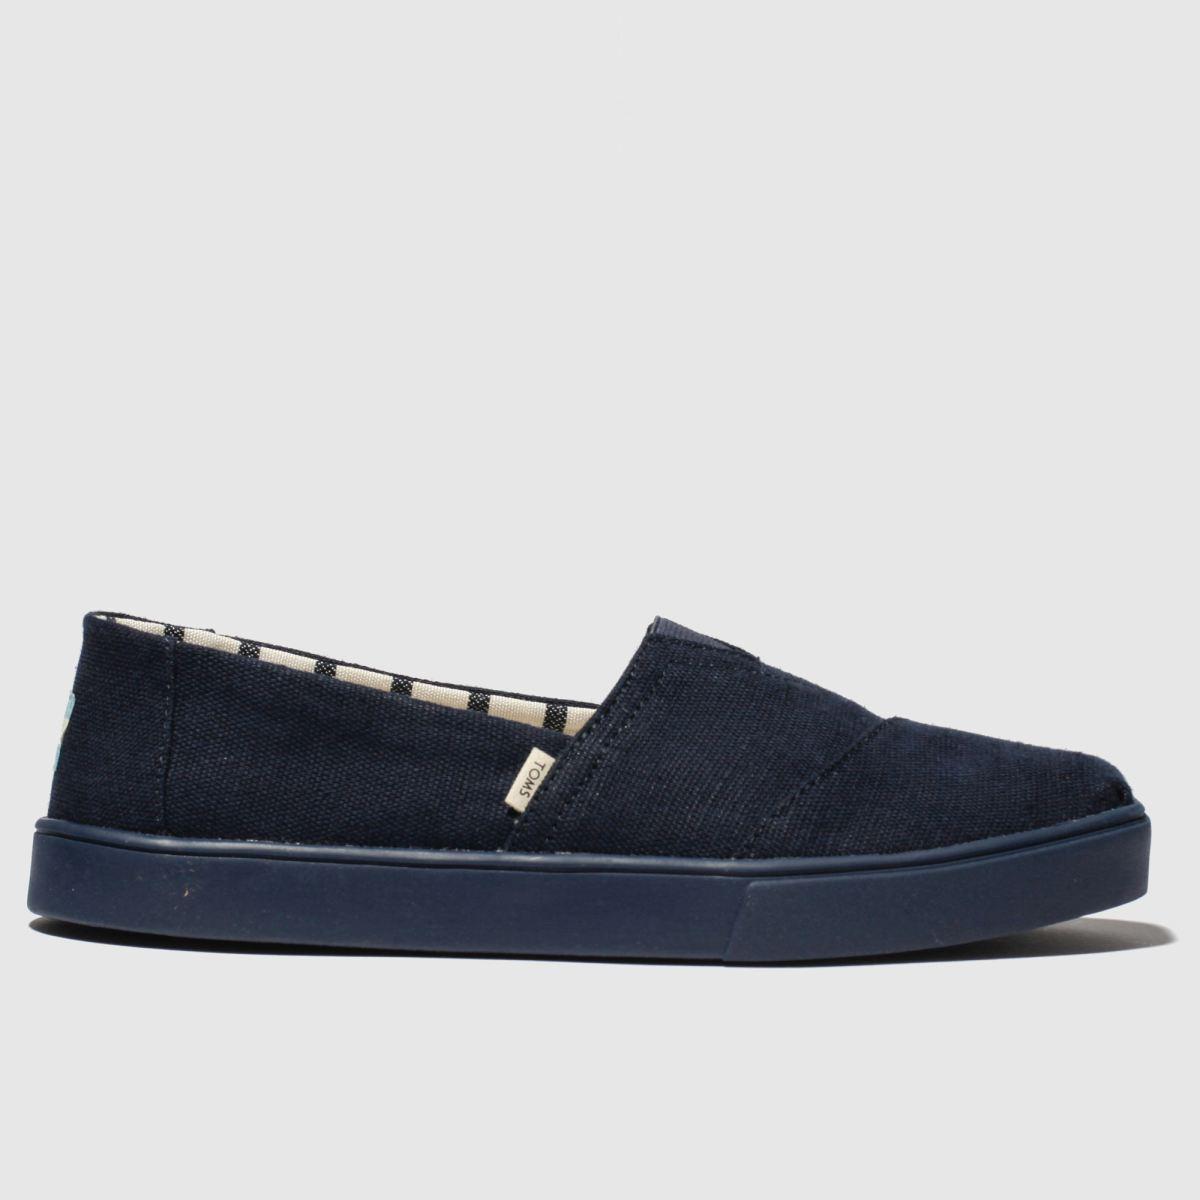 Toms Navy Alpargata Cupsole Shoes